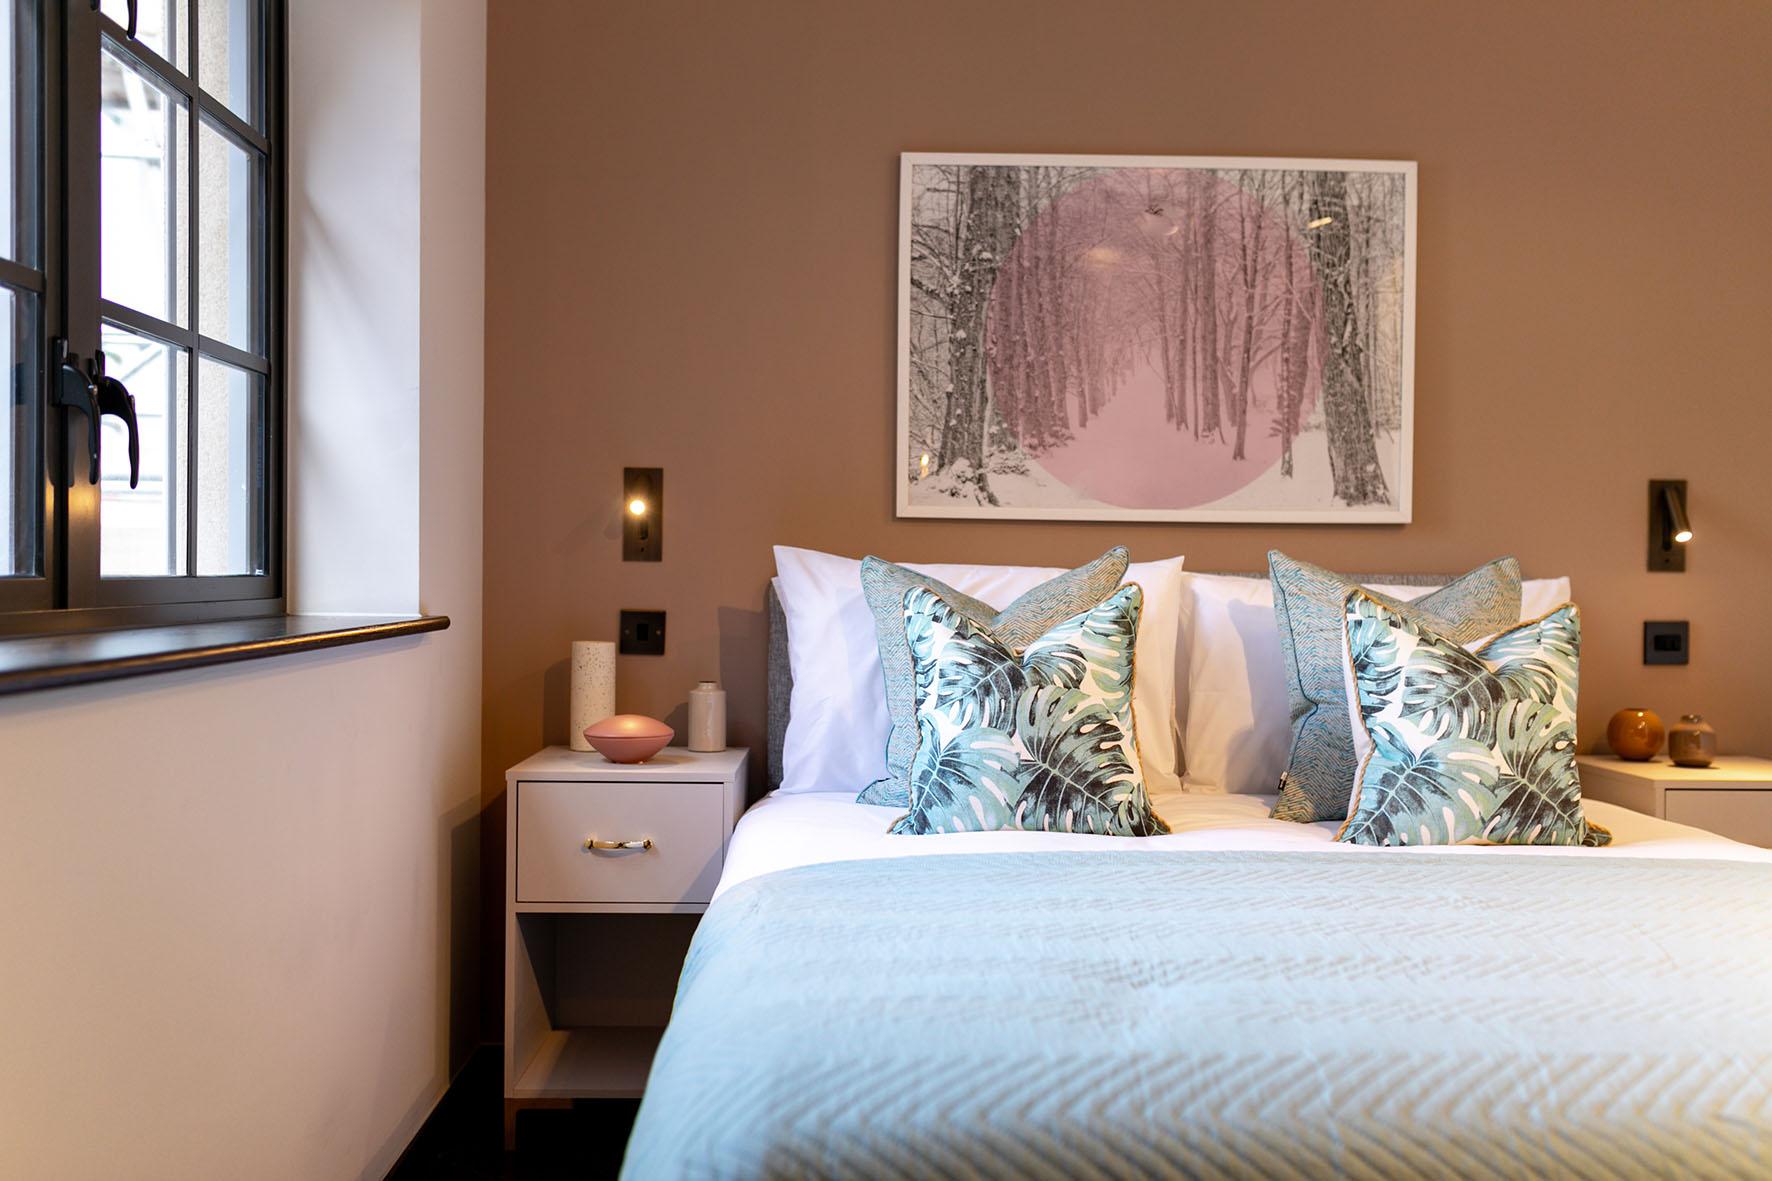 Lovelydays luxury service apartment rental - London - Soho - Oxford Street V - Lovelysuite - 1 bedrooms - 1 bathrooms - Queen bed - cac821c13c83 - Lovelydays